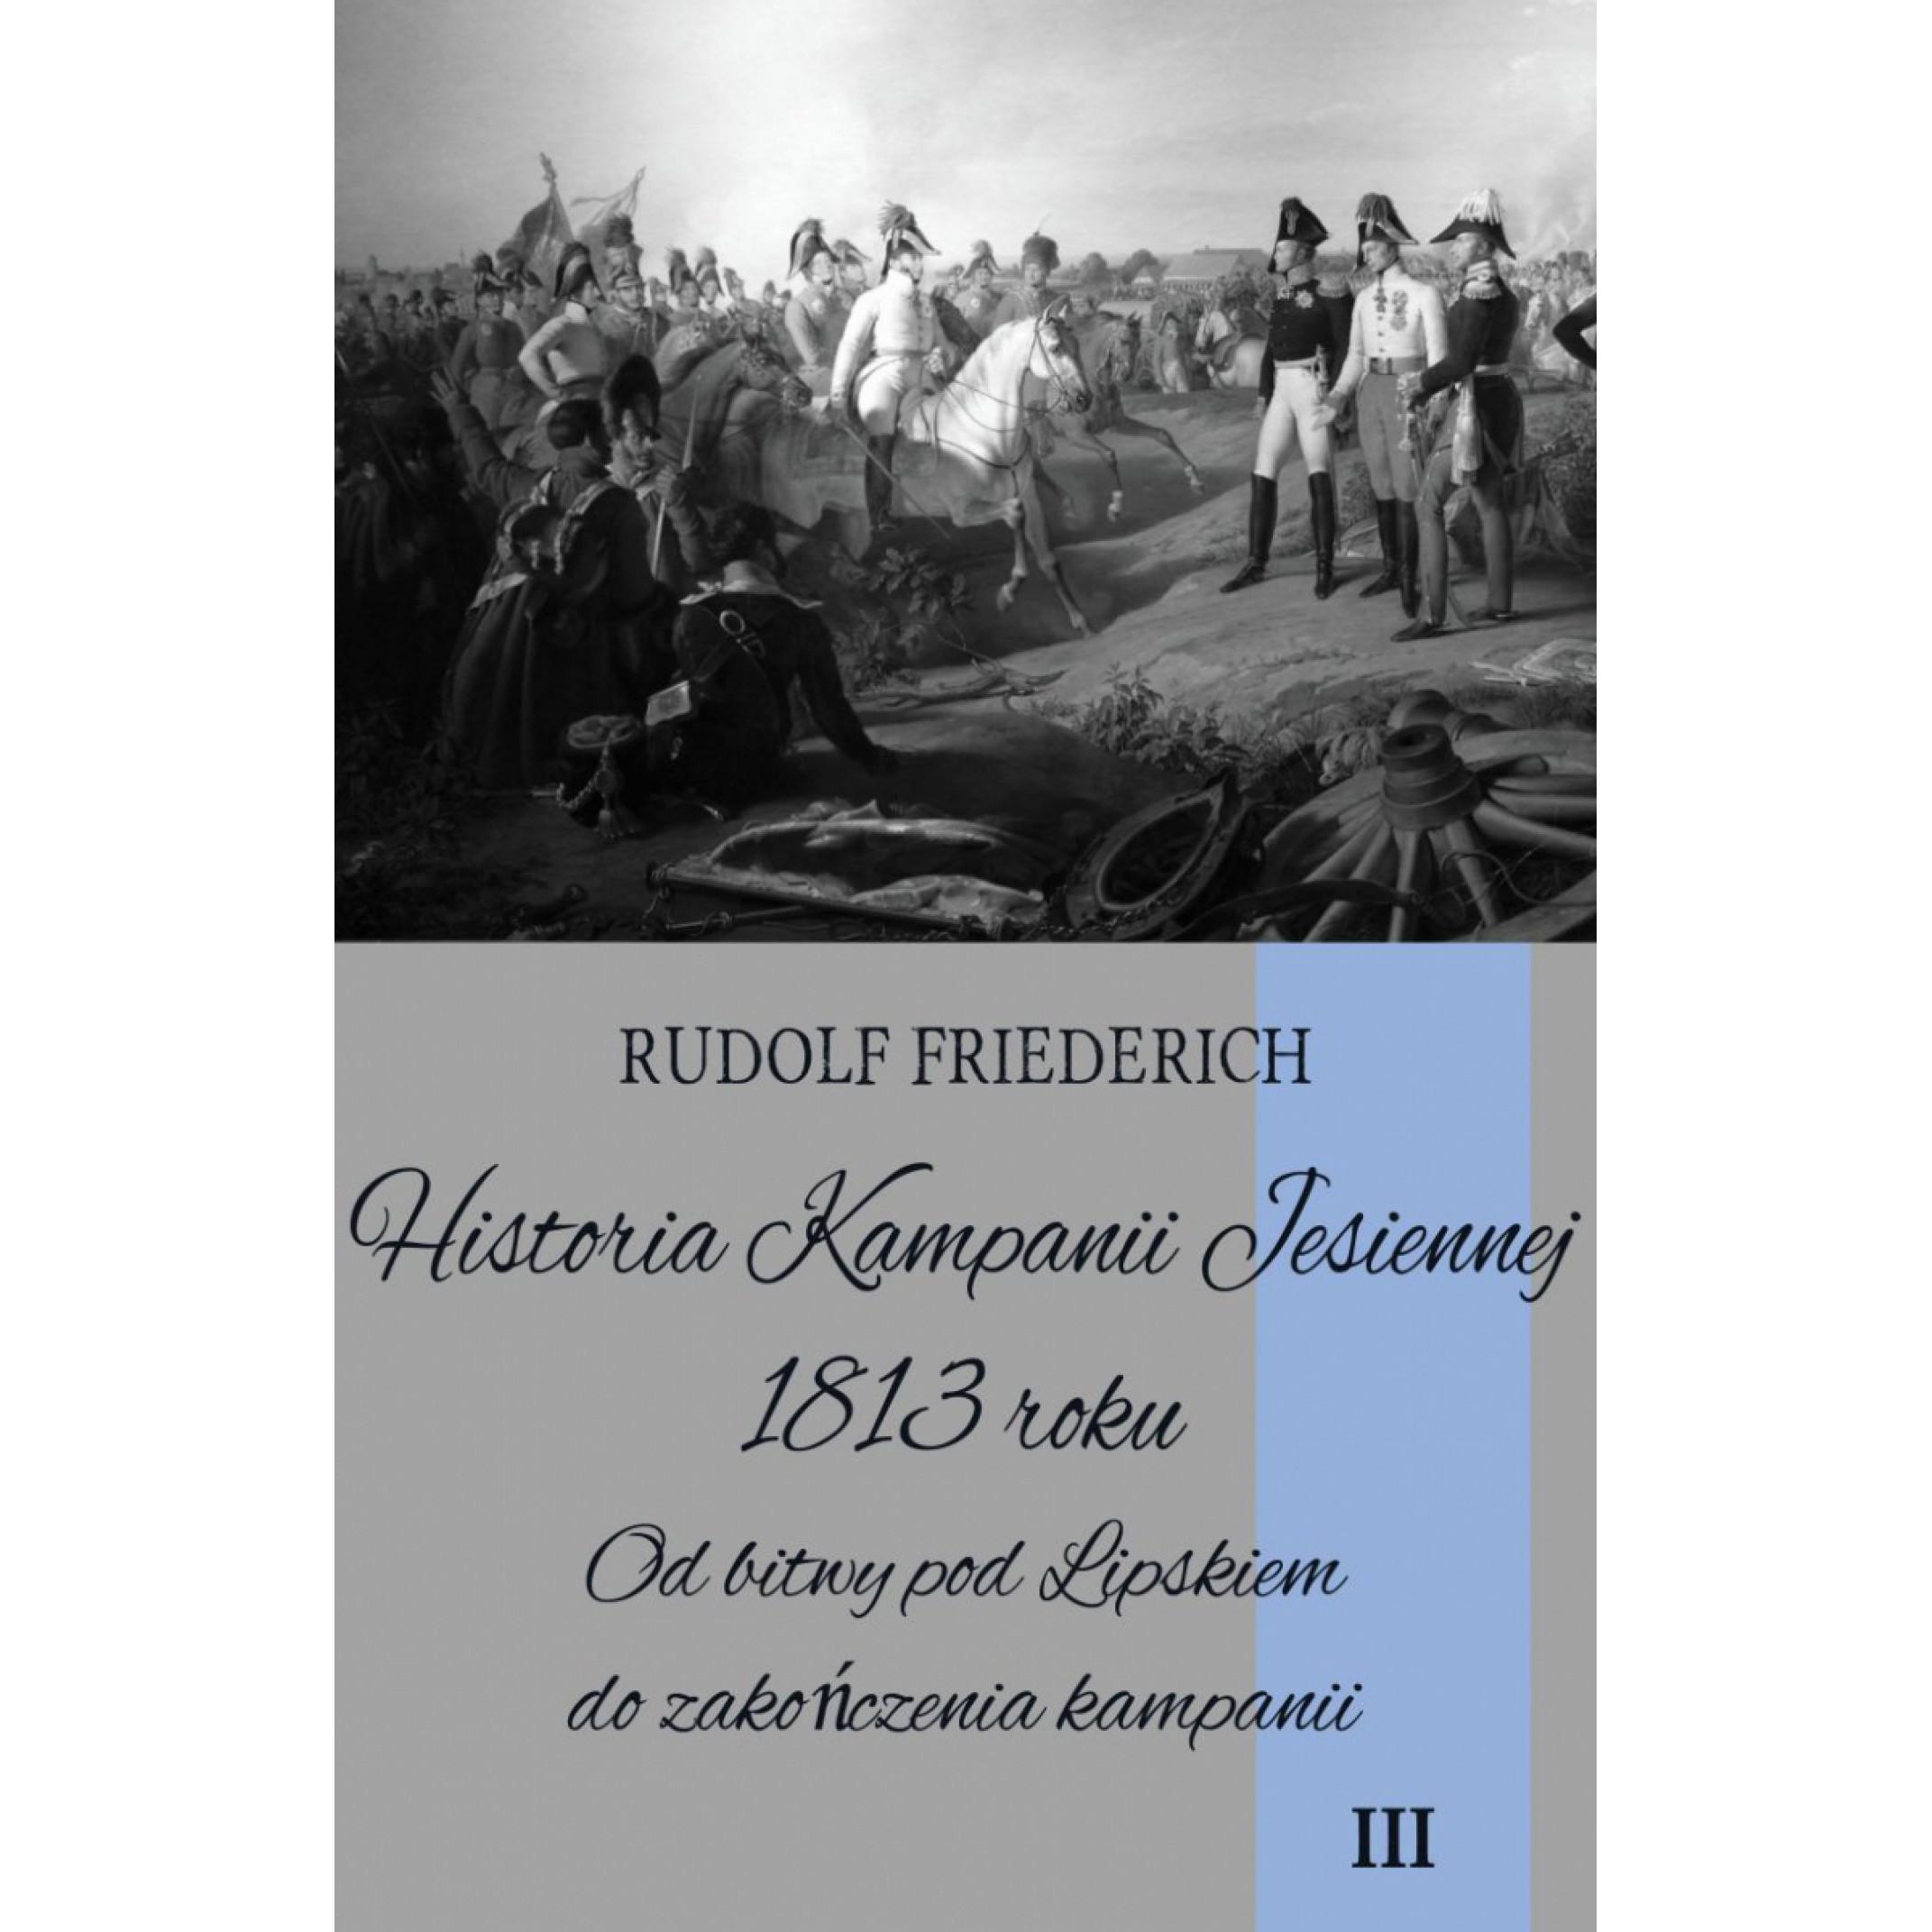 Historia kampanii jesiennej 1813 roku tom III